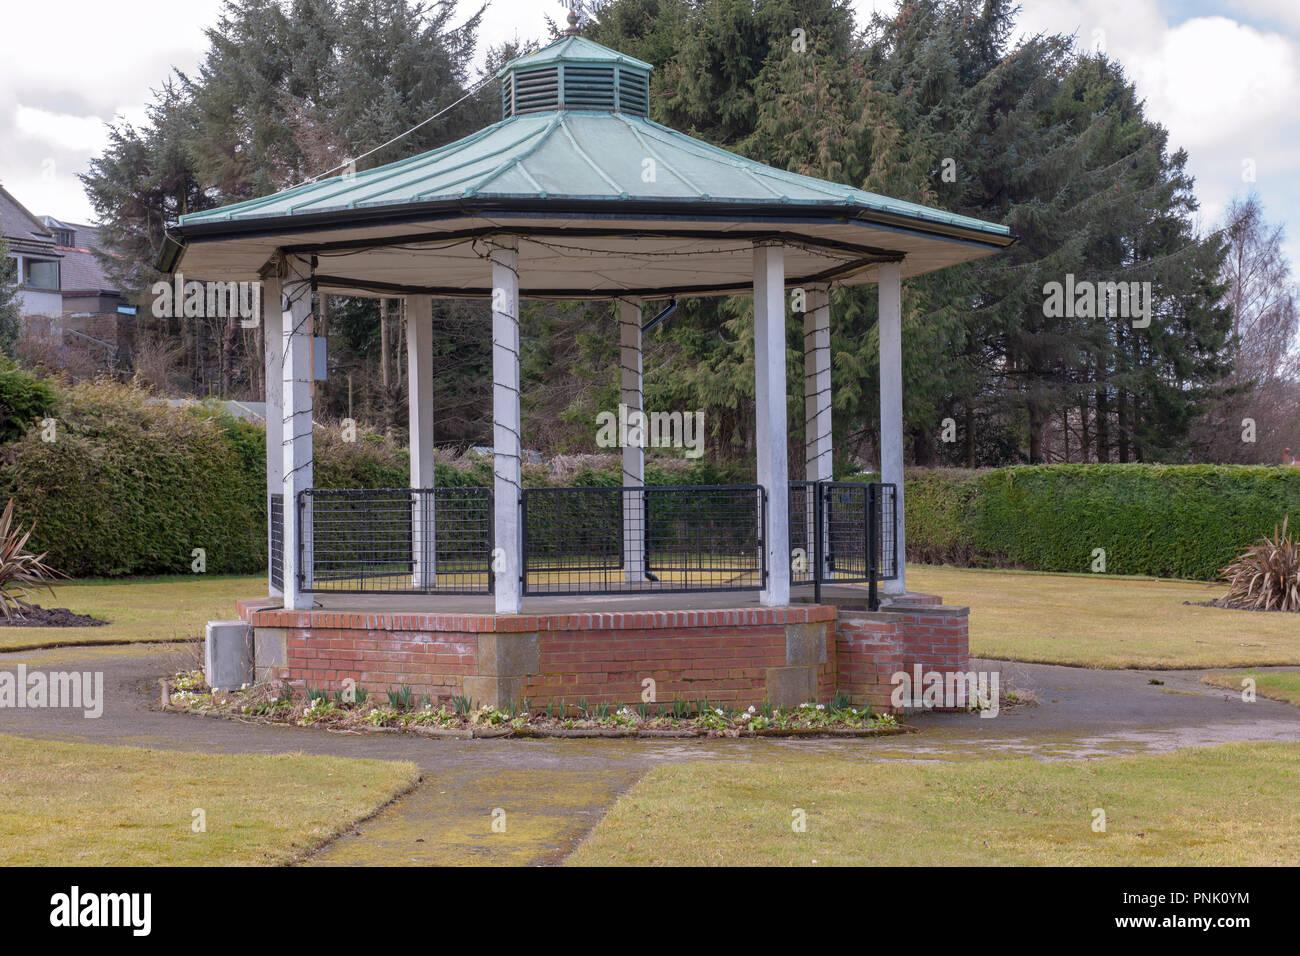 Bandstand at Keith, Moray, Scotland, UK Stock Photo